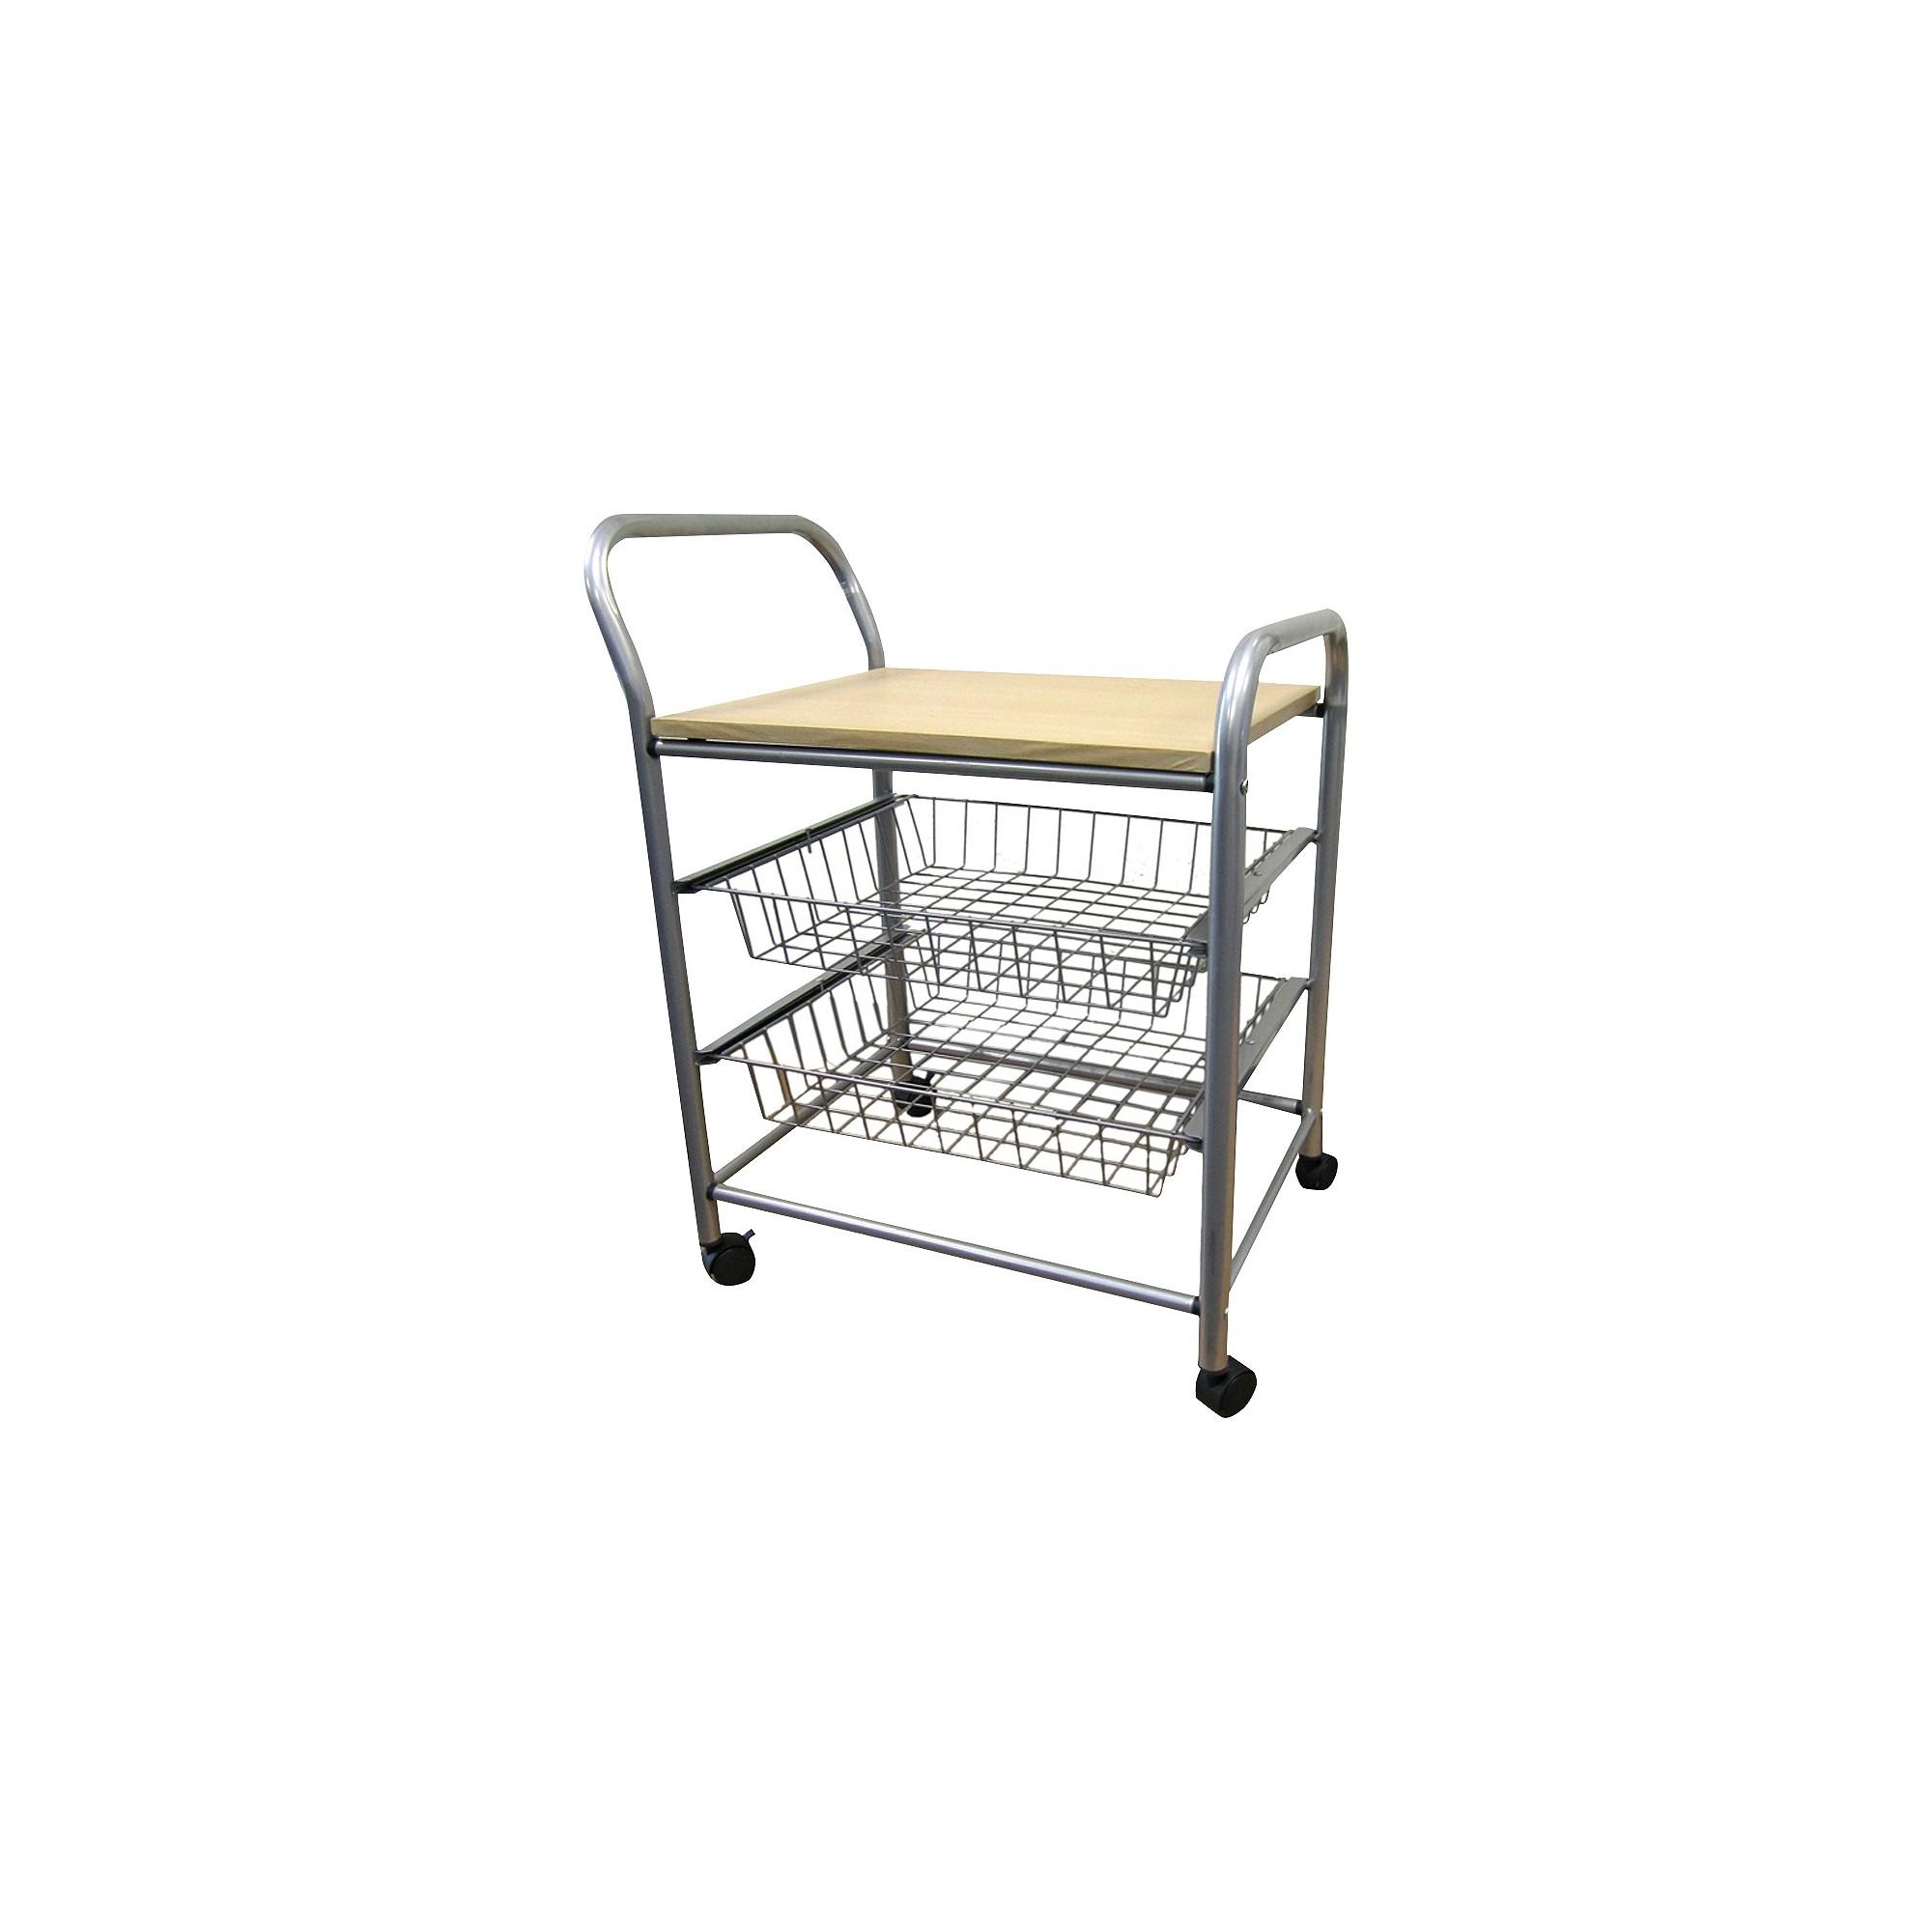 3 Tier Trolley Silver/Metal - Ore International